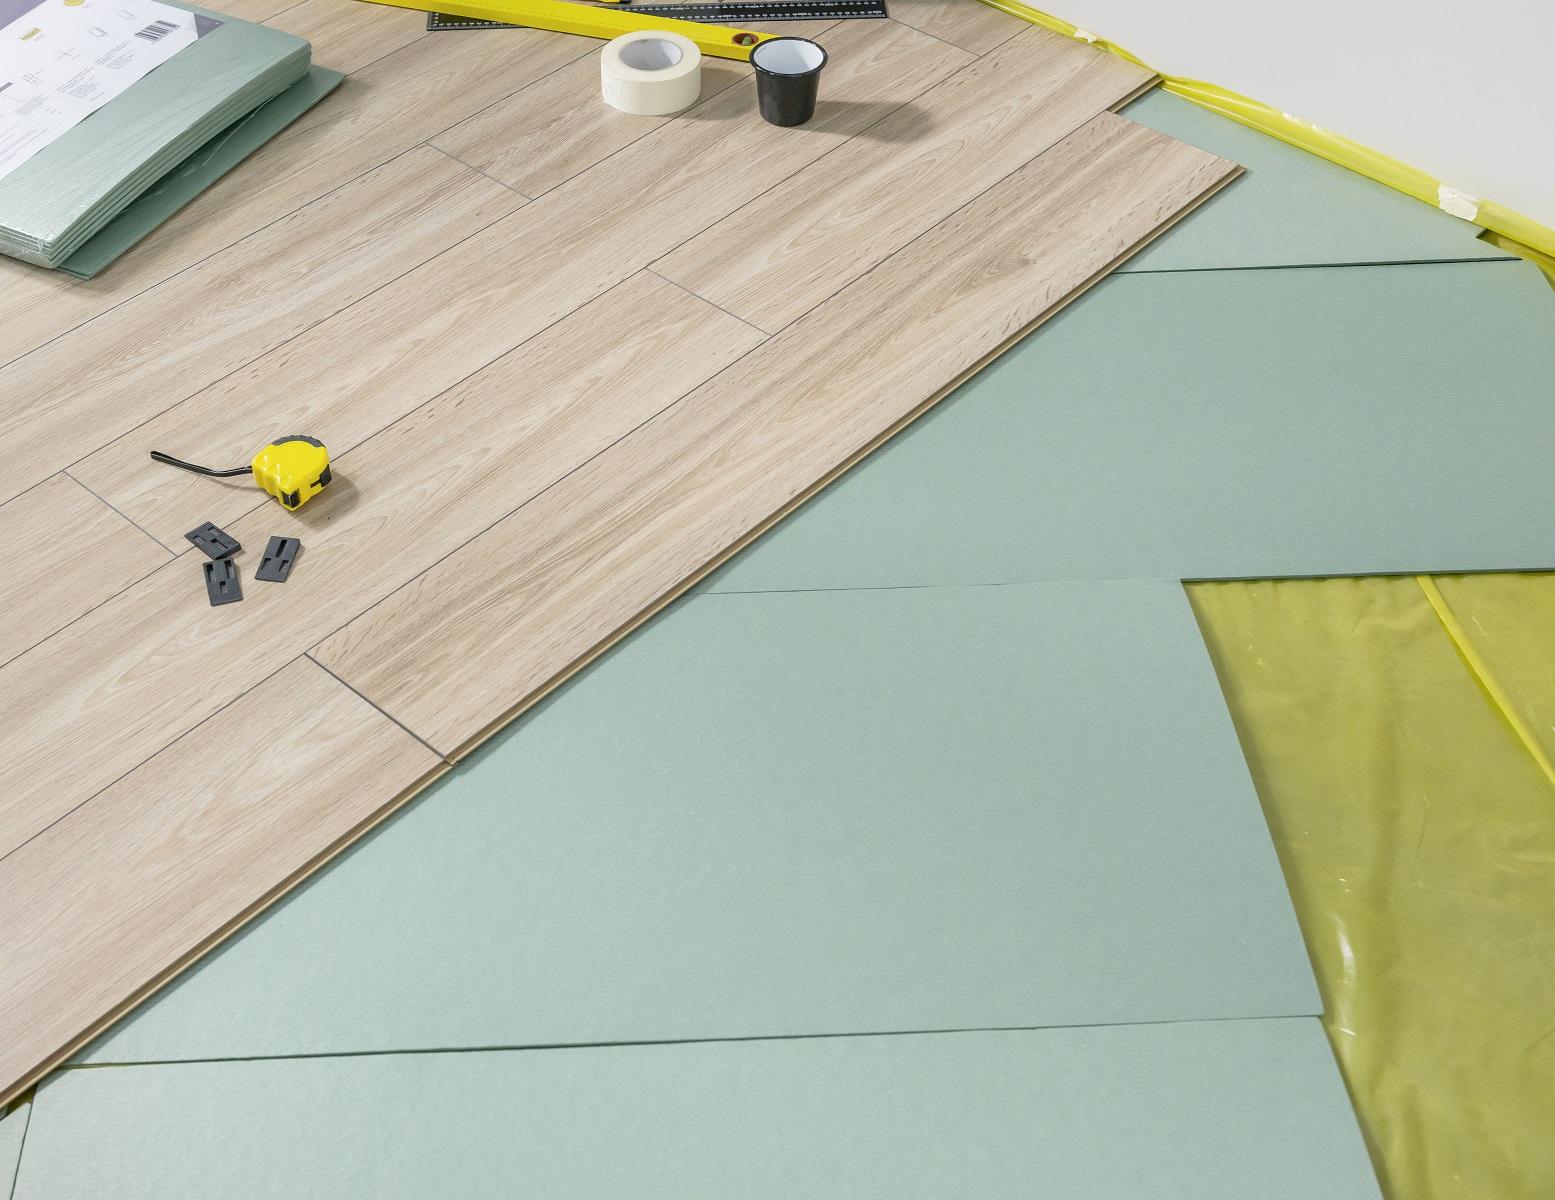 Podkłady pod panele podłogowe